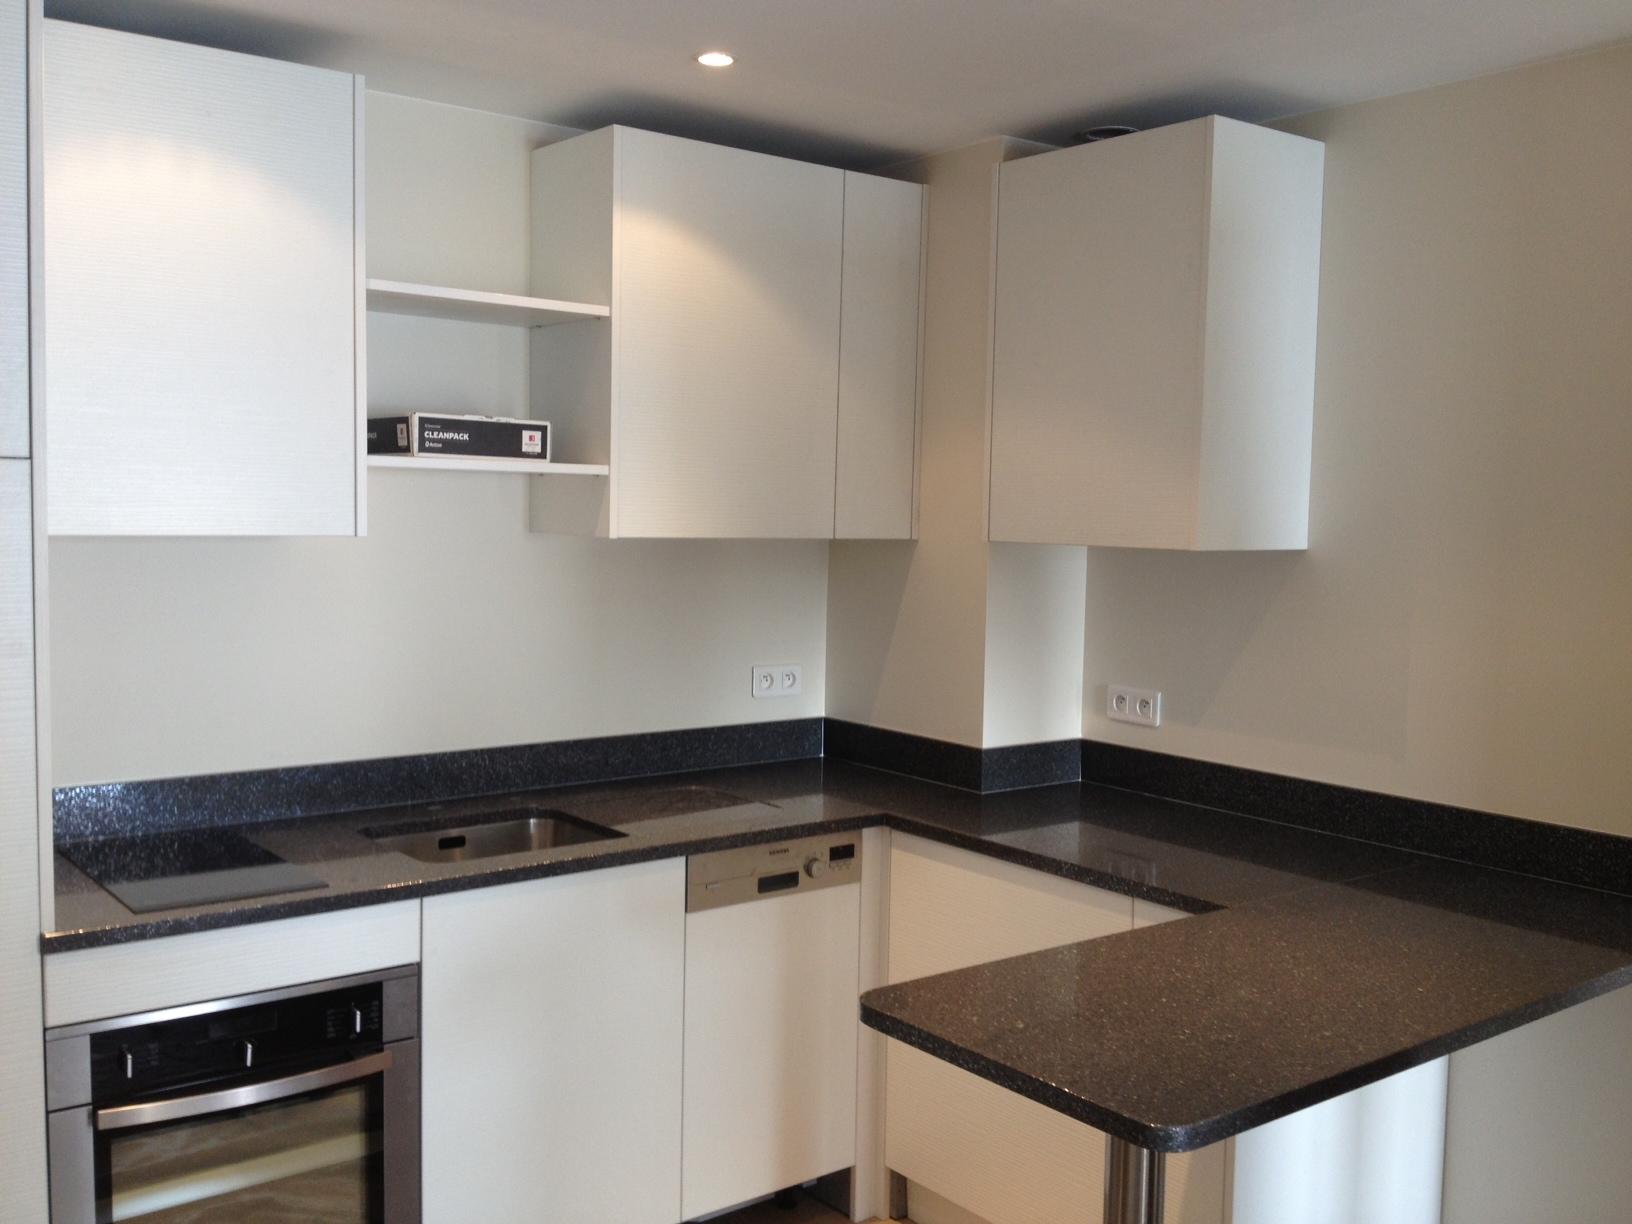 plan de travail de cuisine zirconium r alisation woodstone project. Black Bedroom Furniture Sets. Home Design Ideas